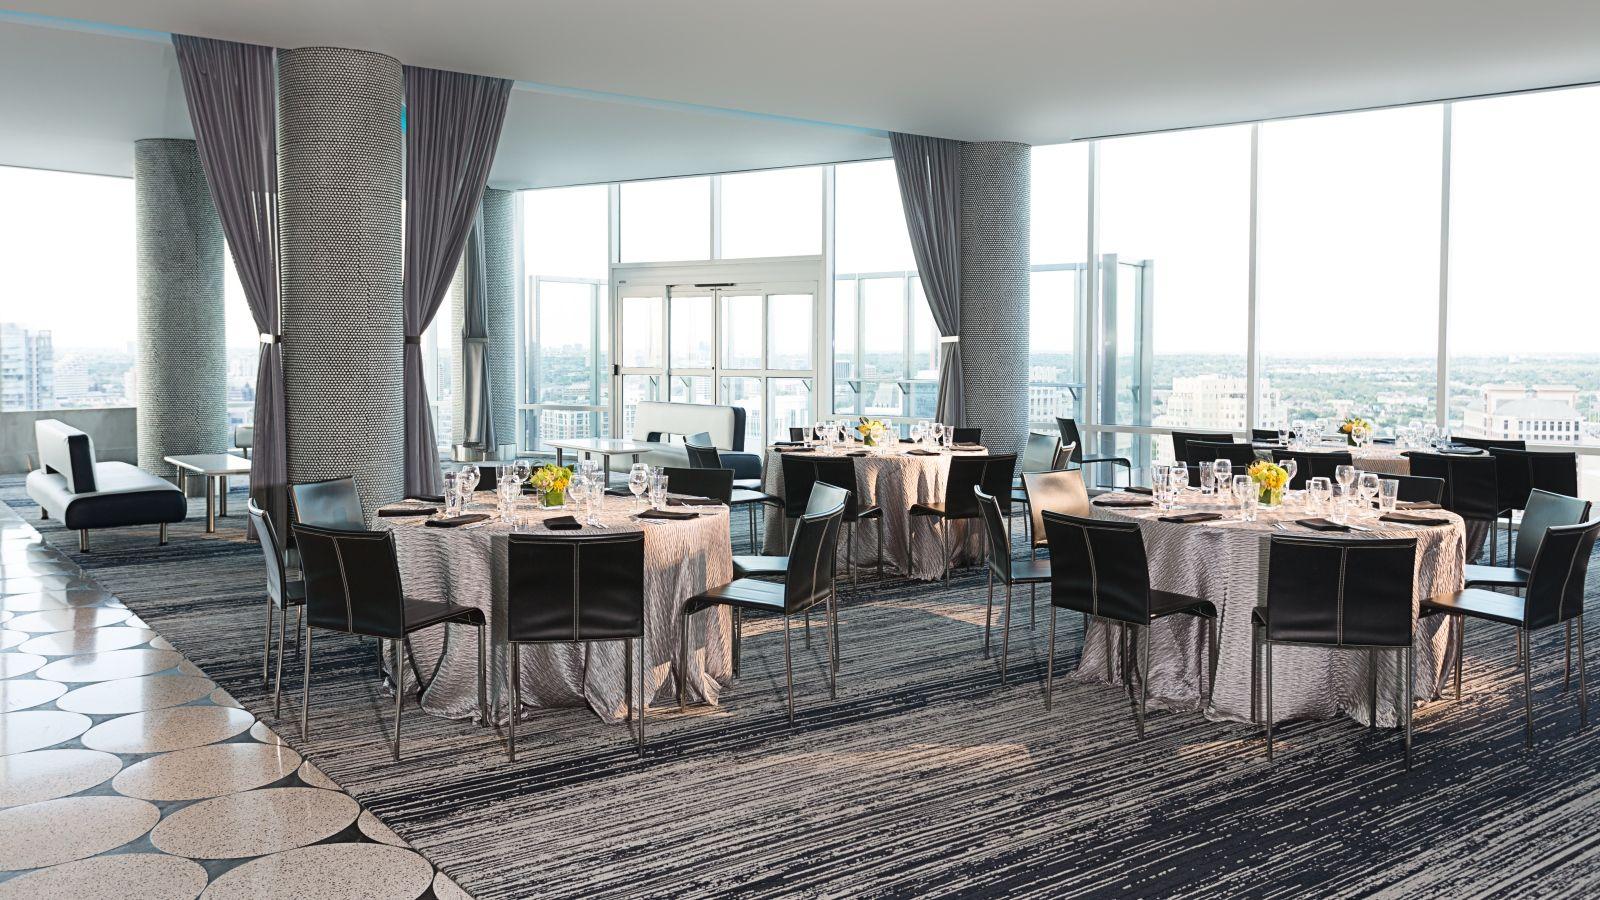 Altitude W Hotel Dallas Tx  Private Eventparty Venues Dallas Tx Mesmerizing Dallas Restaurants With Private Dining Rooms Review